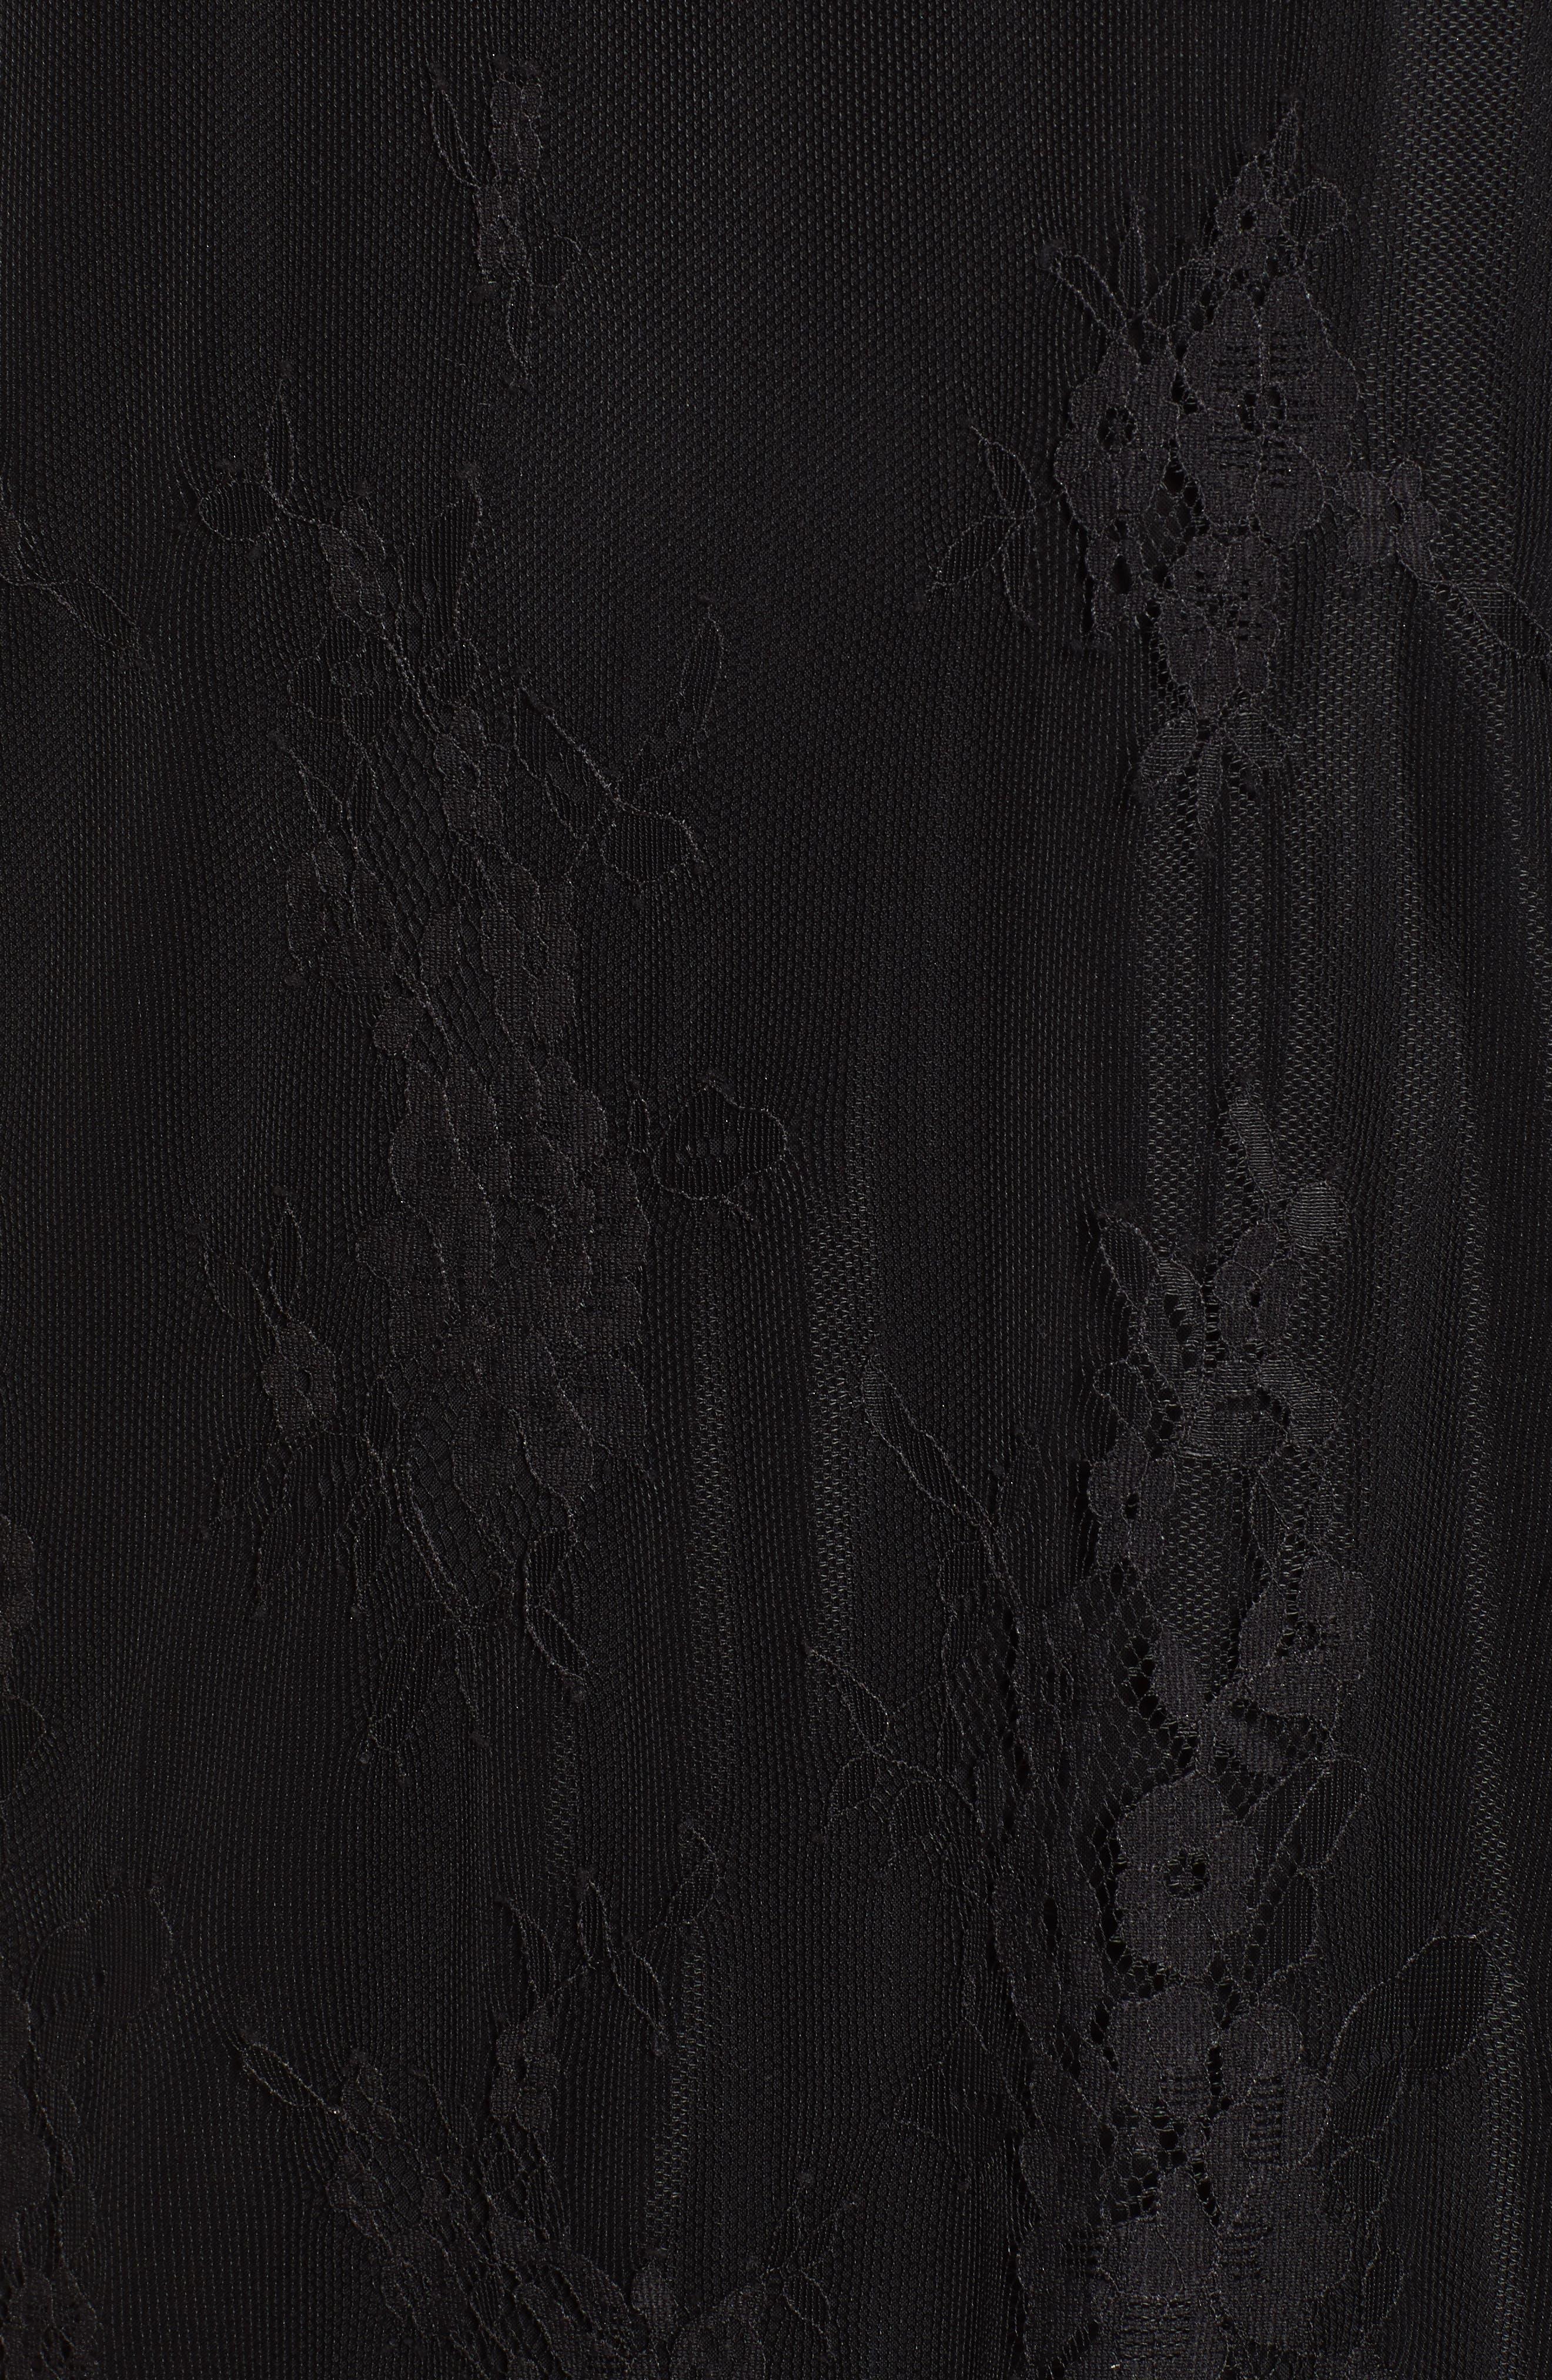 Aix Lace Dress,                             Alternate thumbnail 6, color,                             BLACK